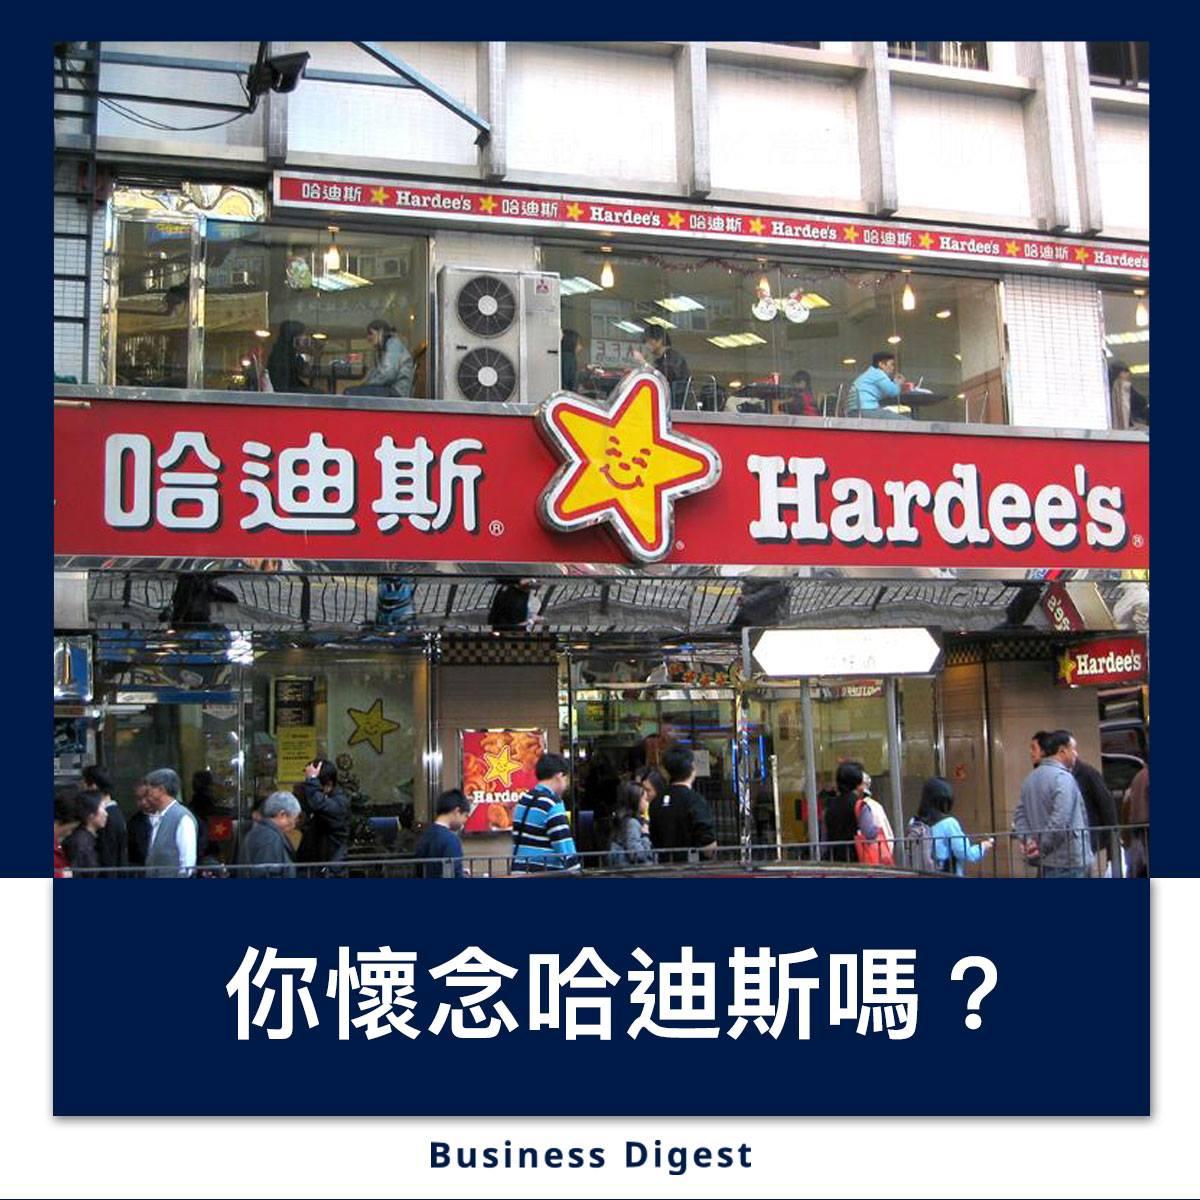 【昔日快餐】你懷念哈迪斯嗎?